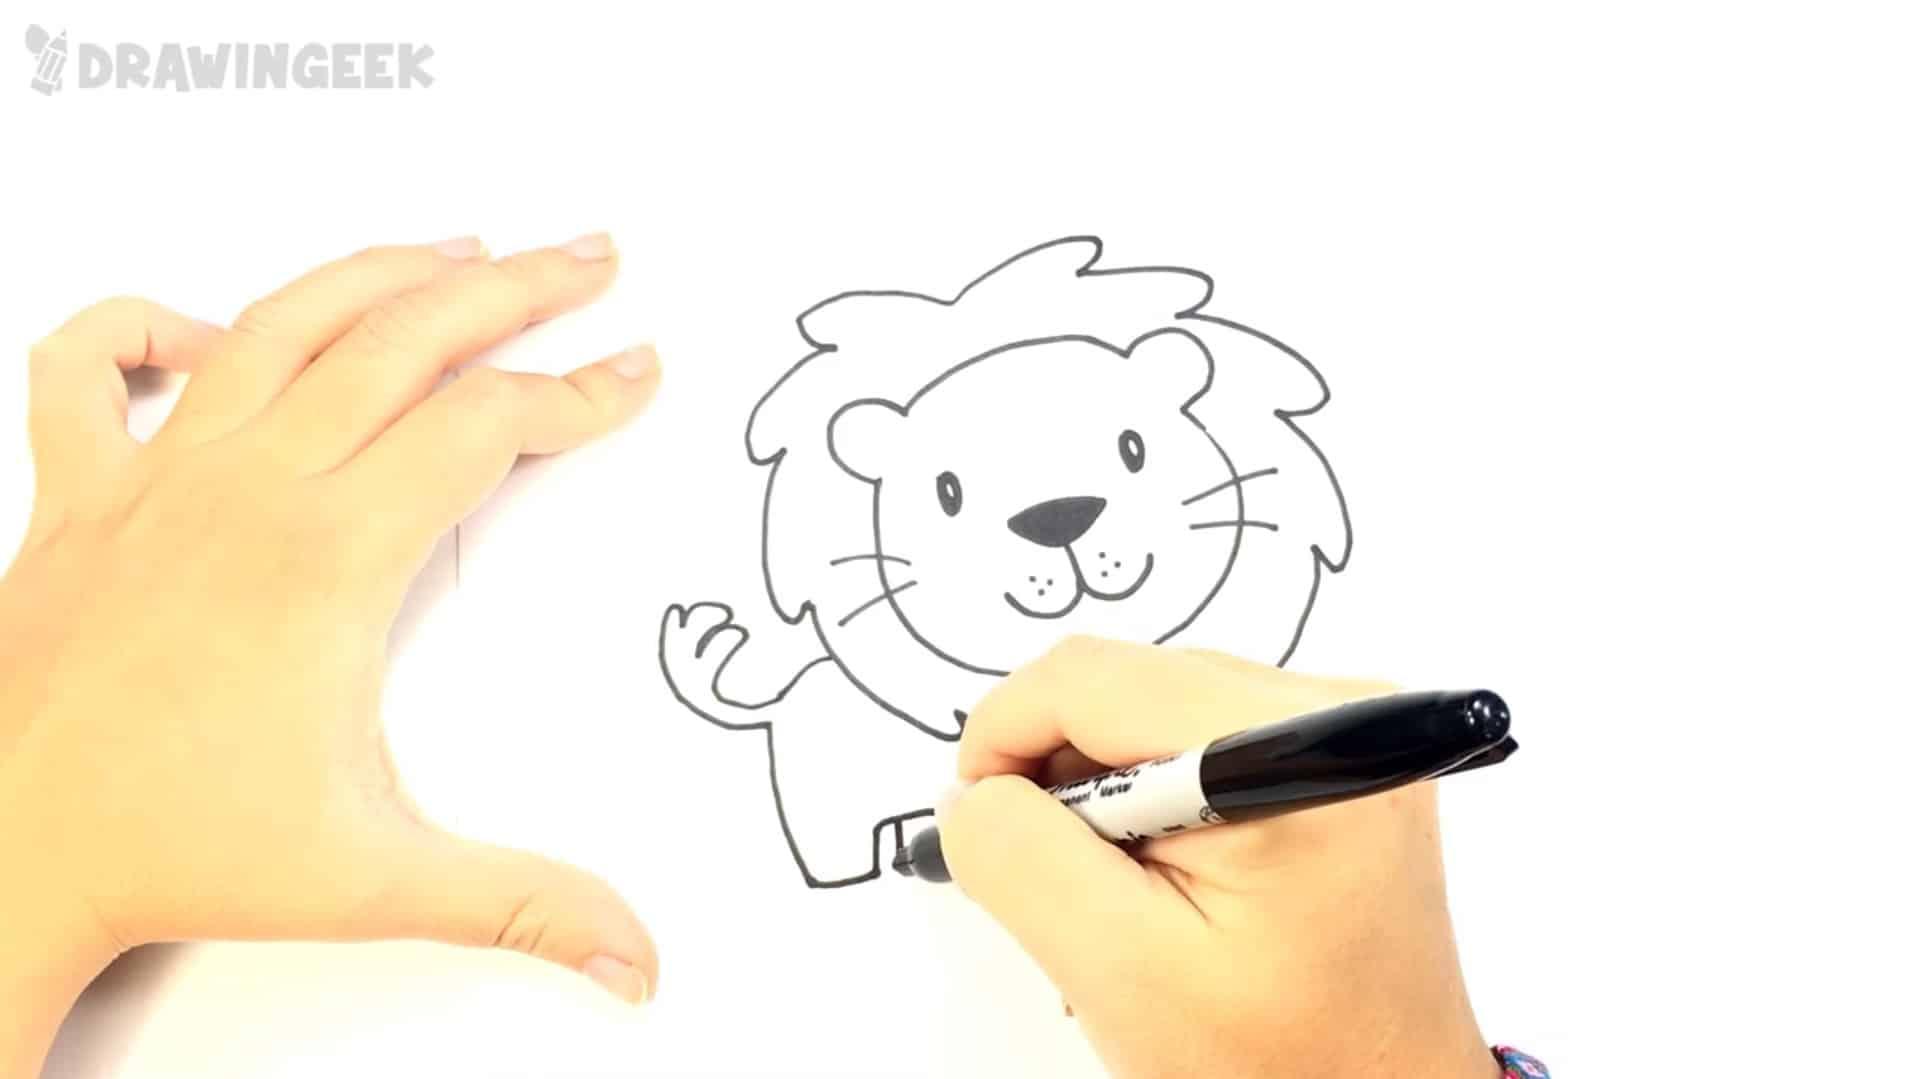 איך לצייר אריה לילדים